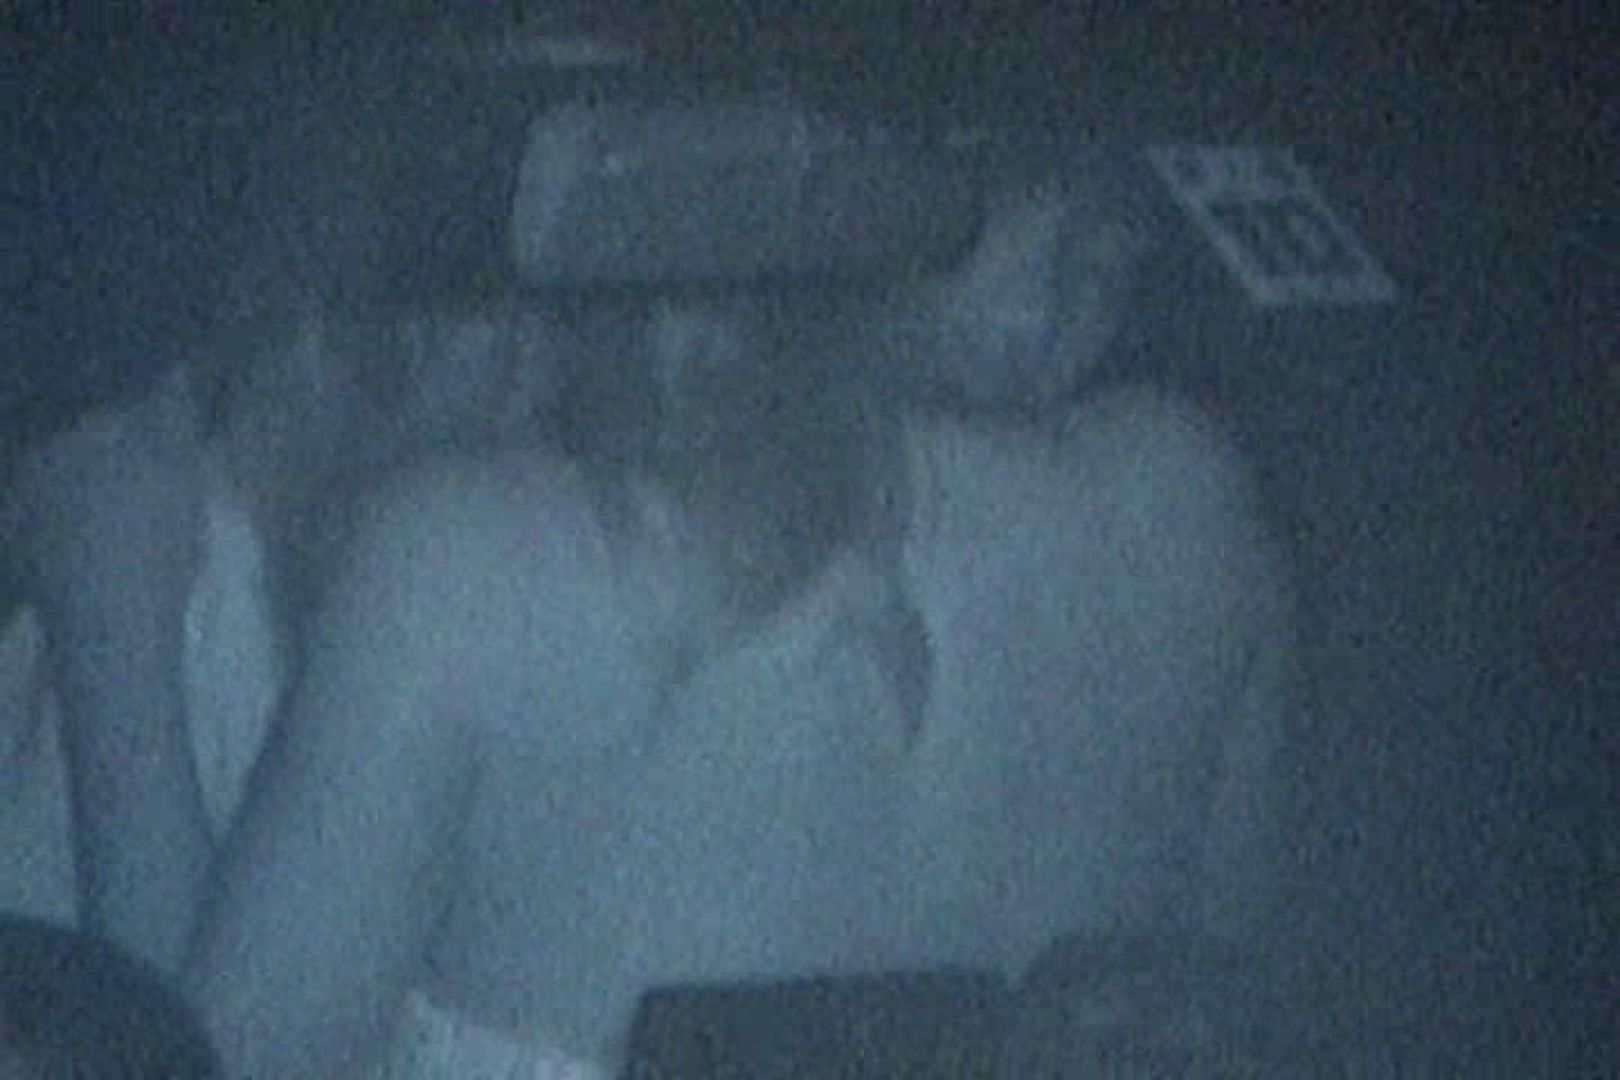 充血監督の深夜の運動会Vol.146 ハプニング SEX無修正画像 95連発 53